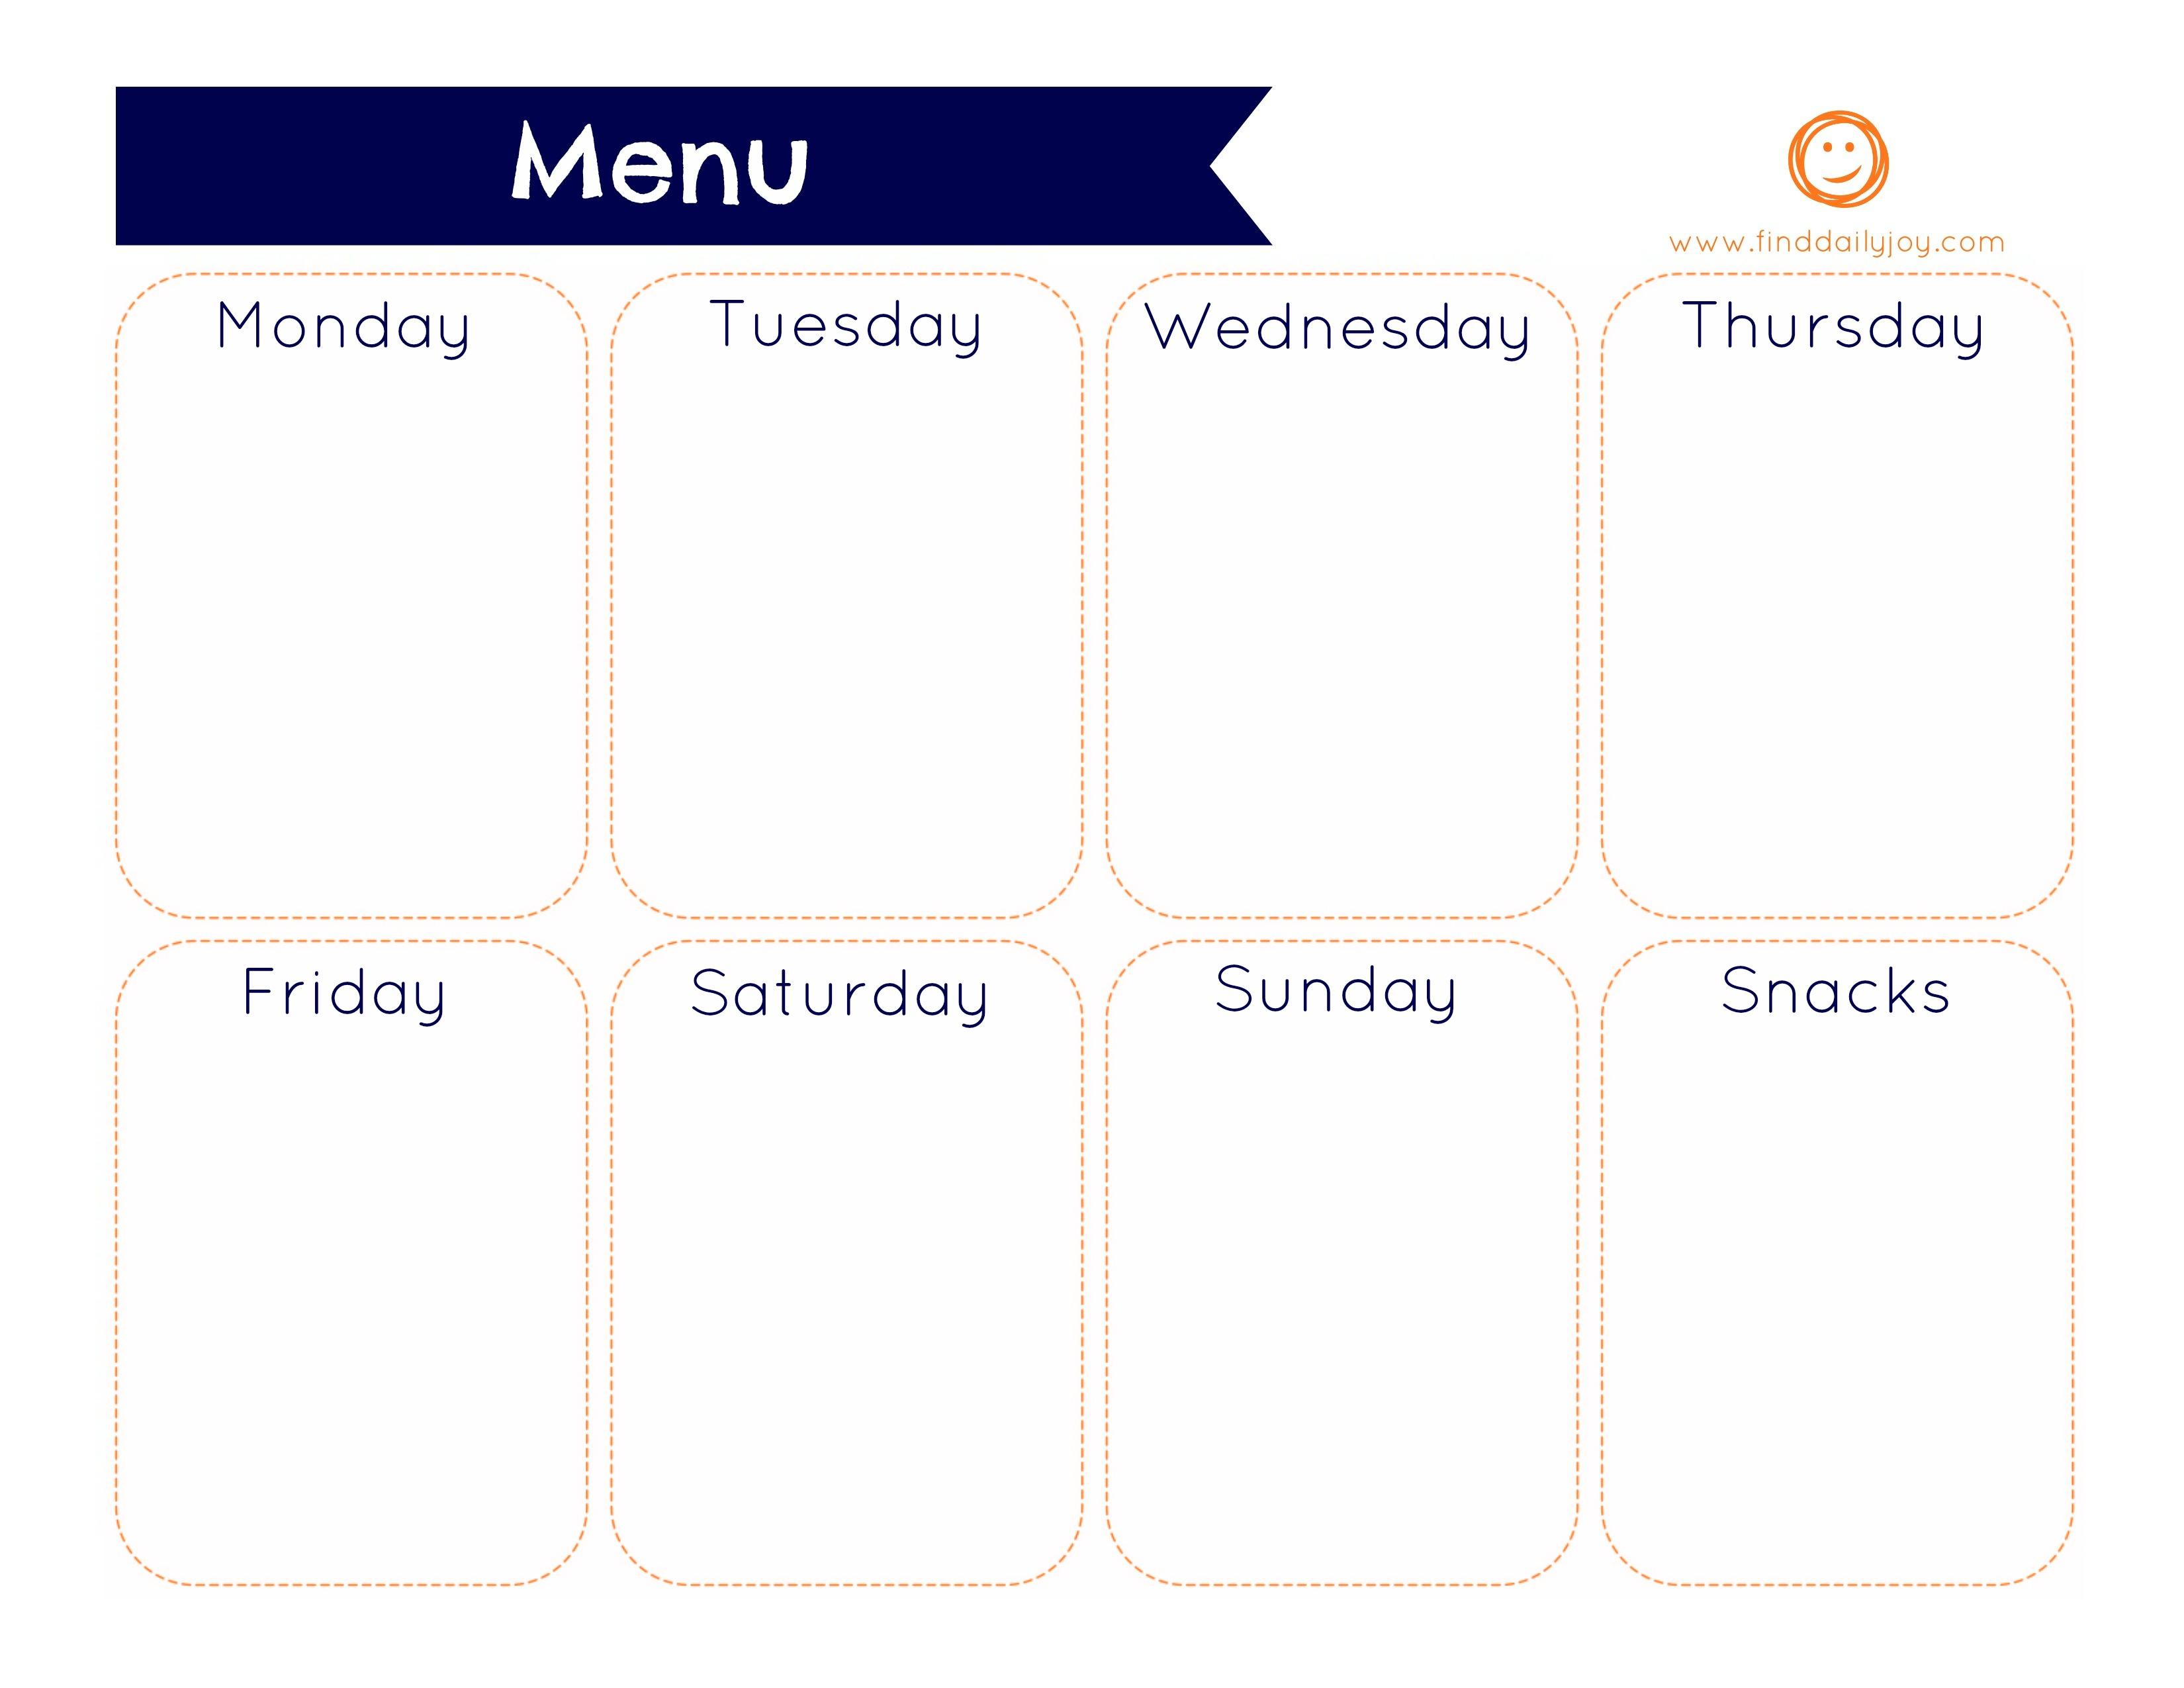 Weekly Menu Planner {Free Printable} | Find Daily Joy